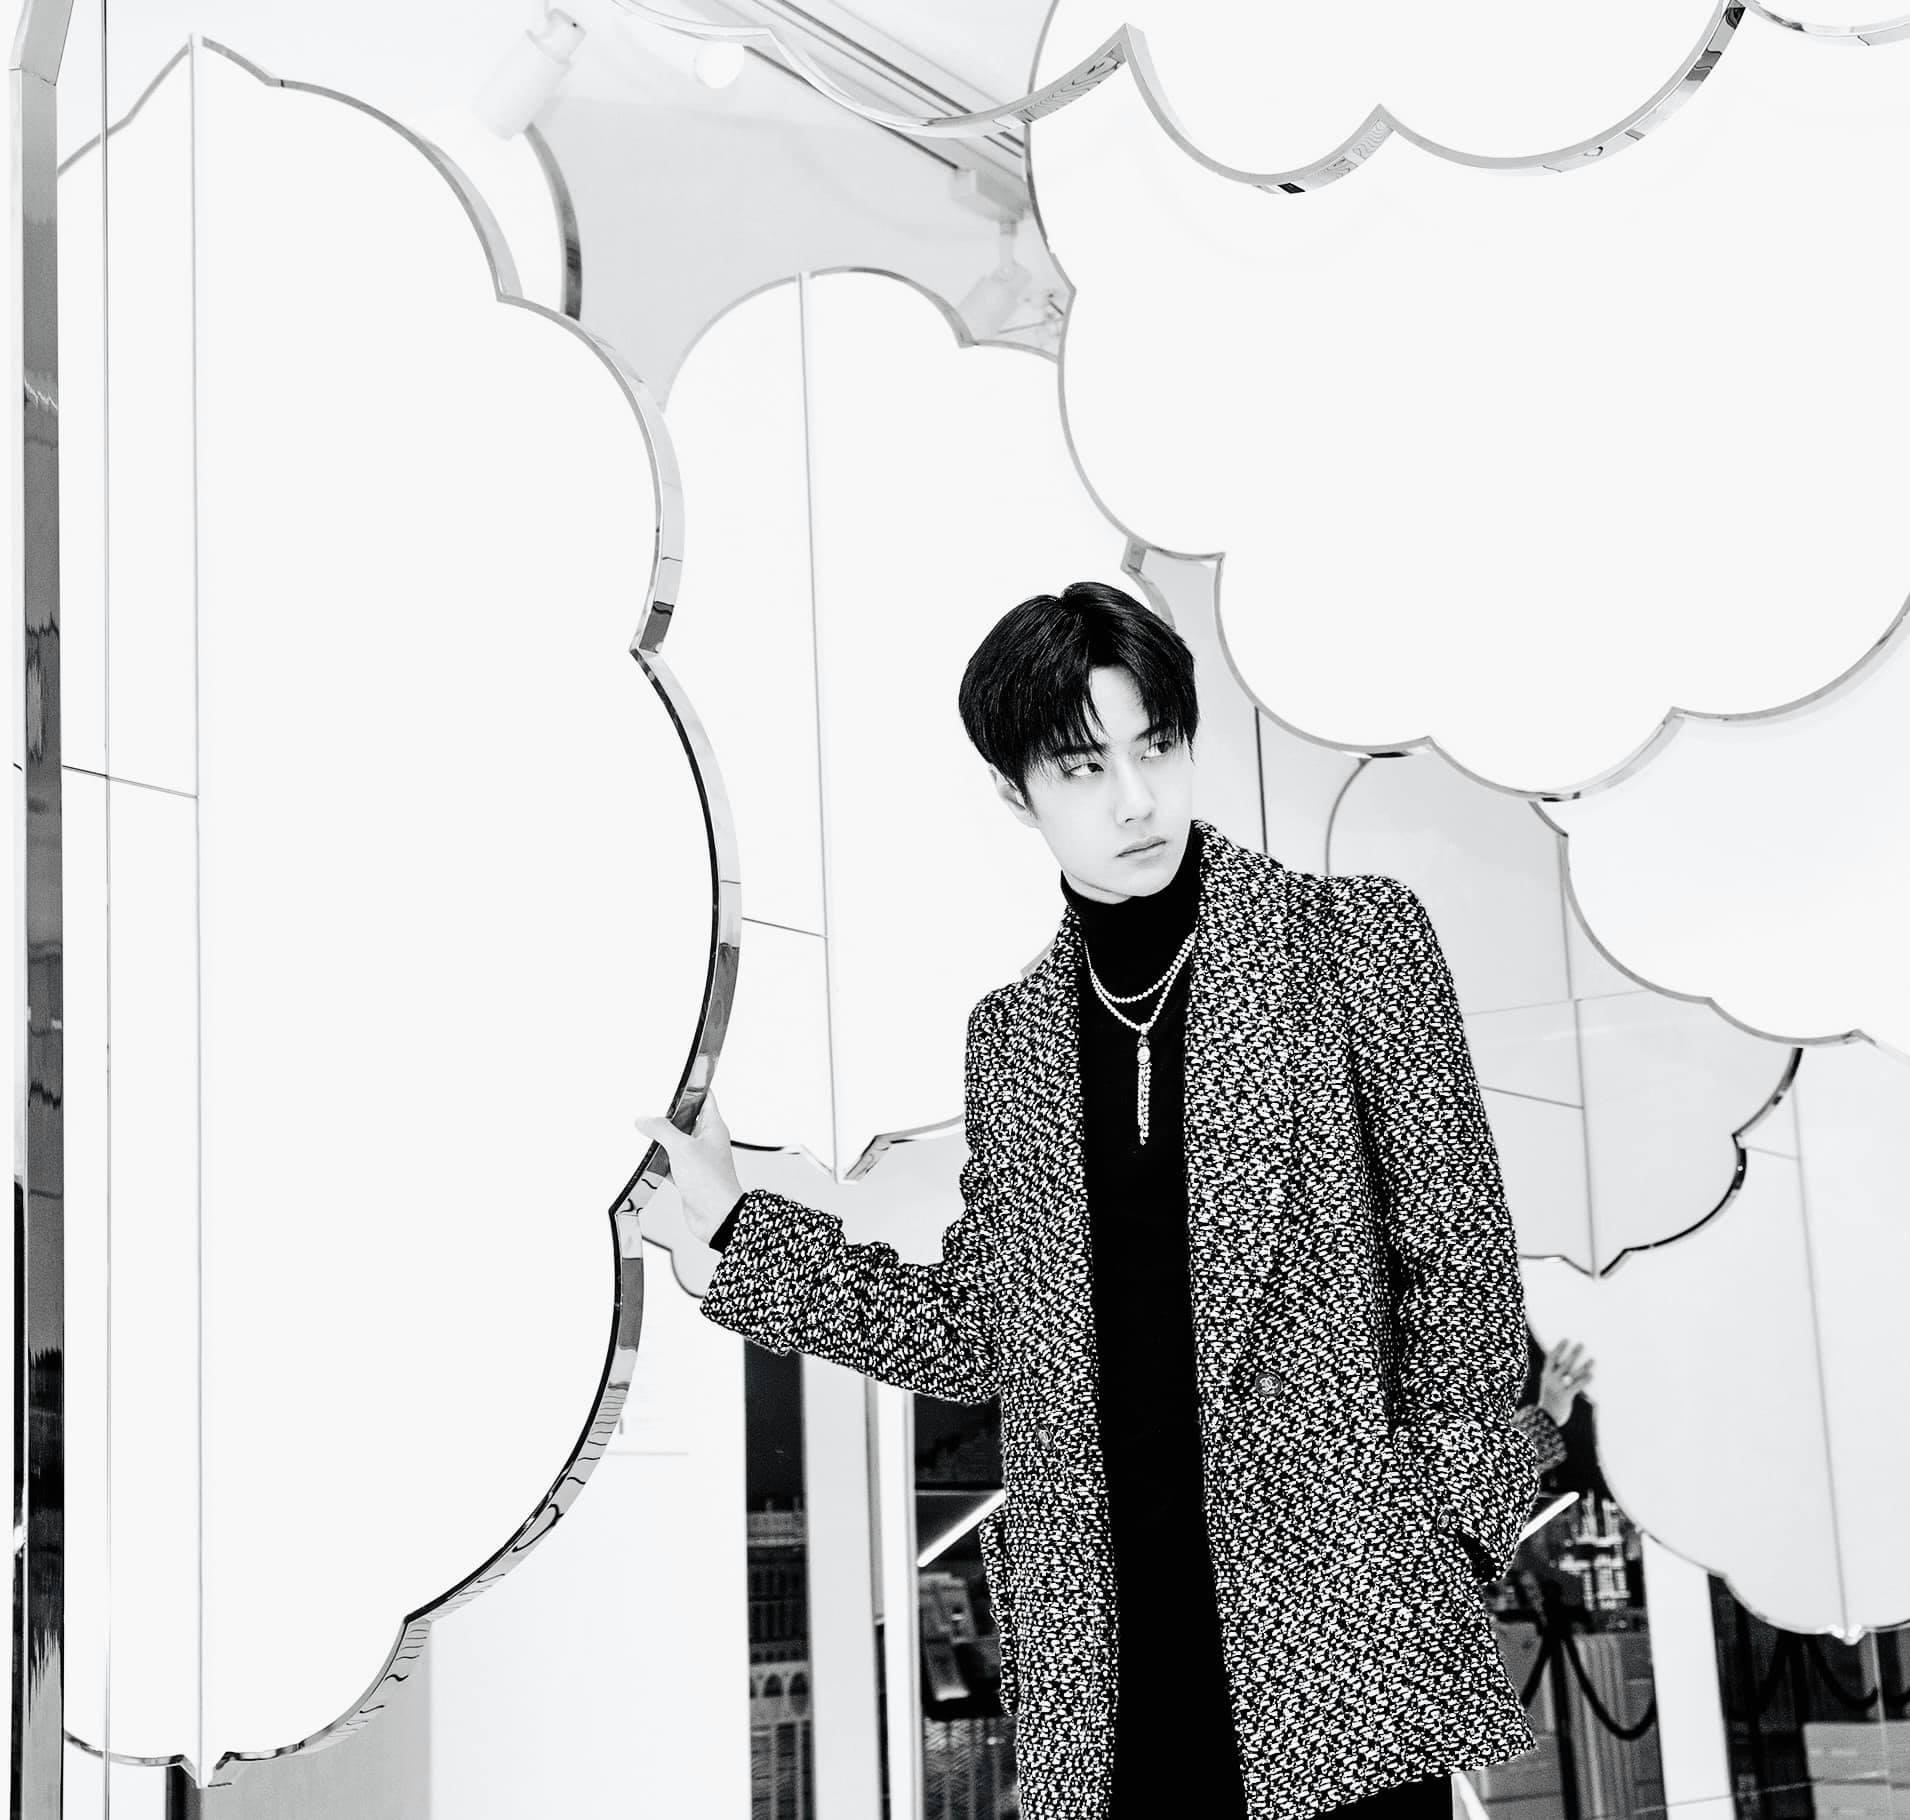 Vương Nhất Bác đẹp 'chấn động bờ hồ' trong loạt ảnh Chanel, không hổ danh 'chàng thơ' Châu Á 9